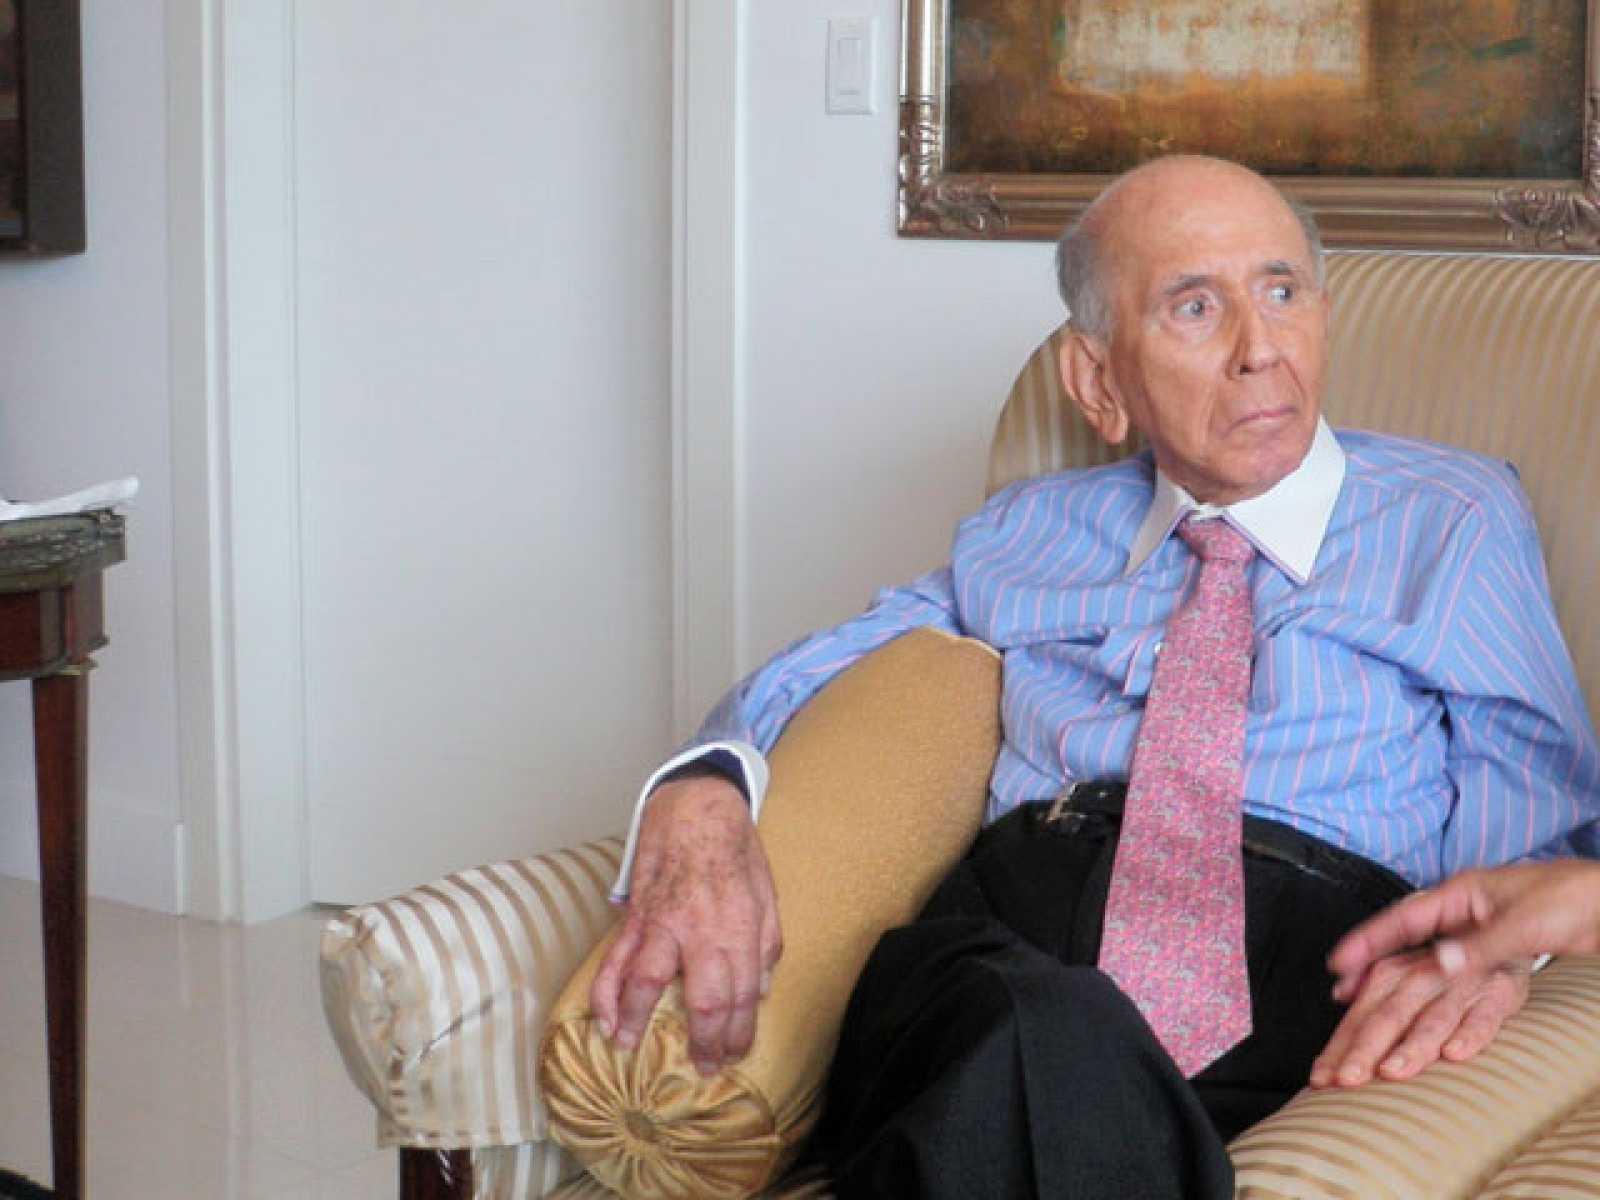 El ex presidente de Venezuela, Carlos Andrés Pérez, muere a los 88 años